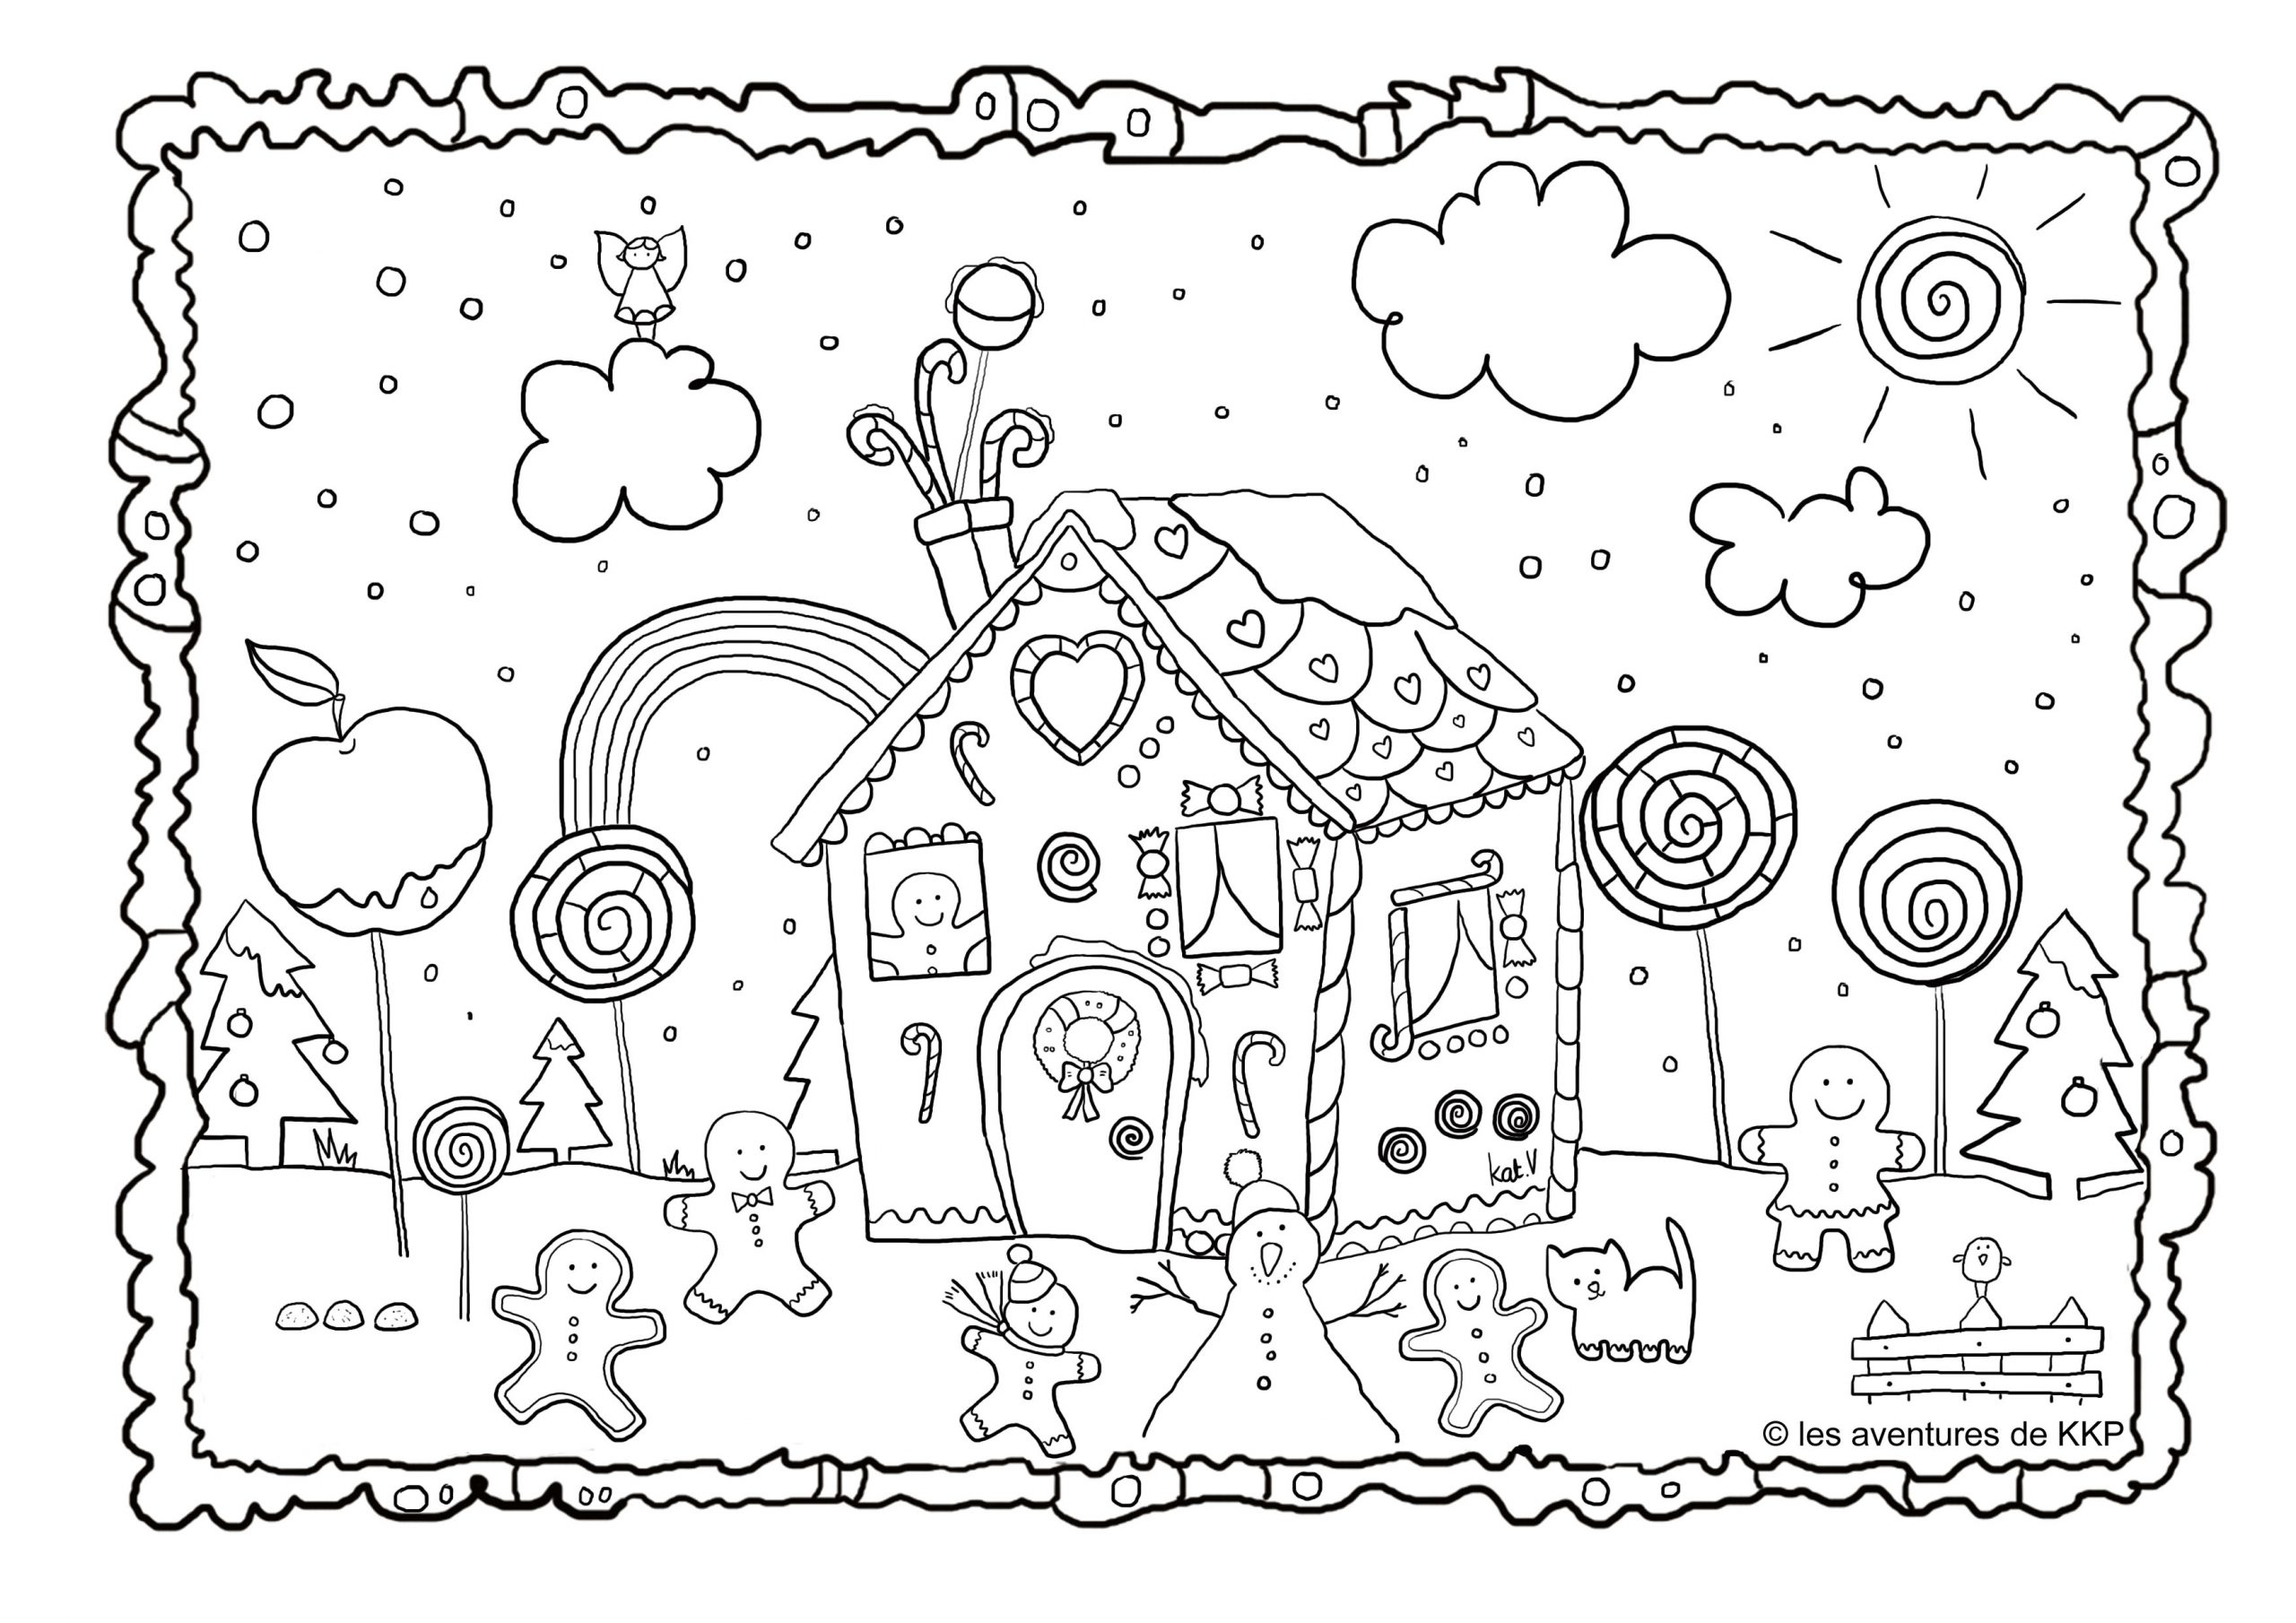 Coloriages De Noël | Les Aventures De Kkp avec Dessin A Colorier De Noel Gratuit A Imprimer